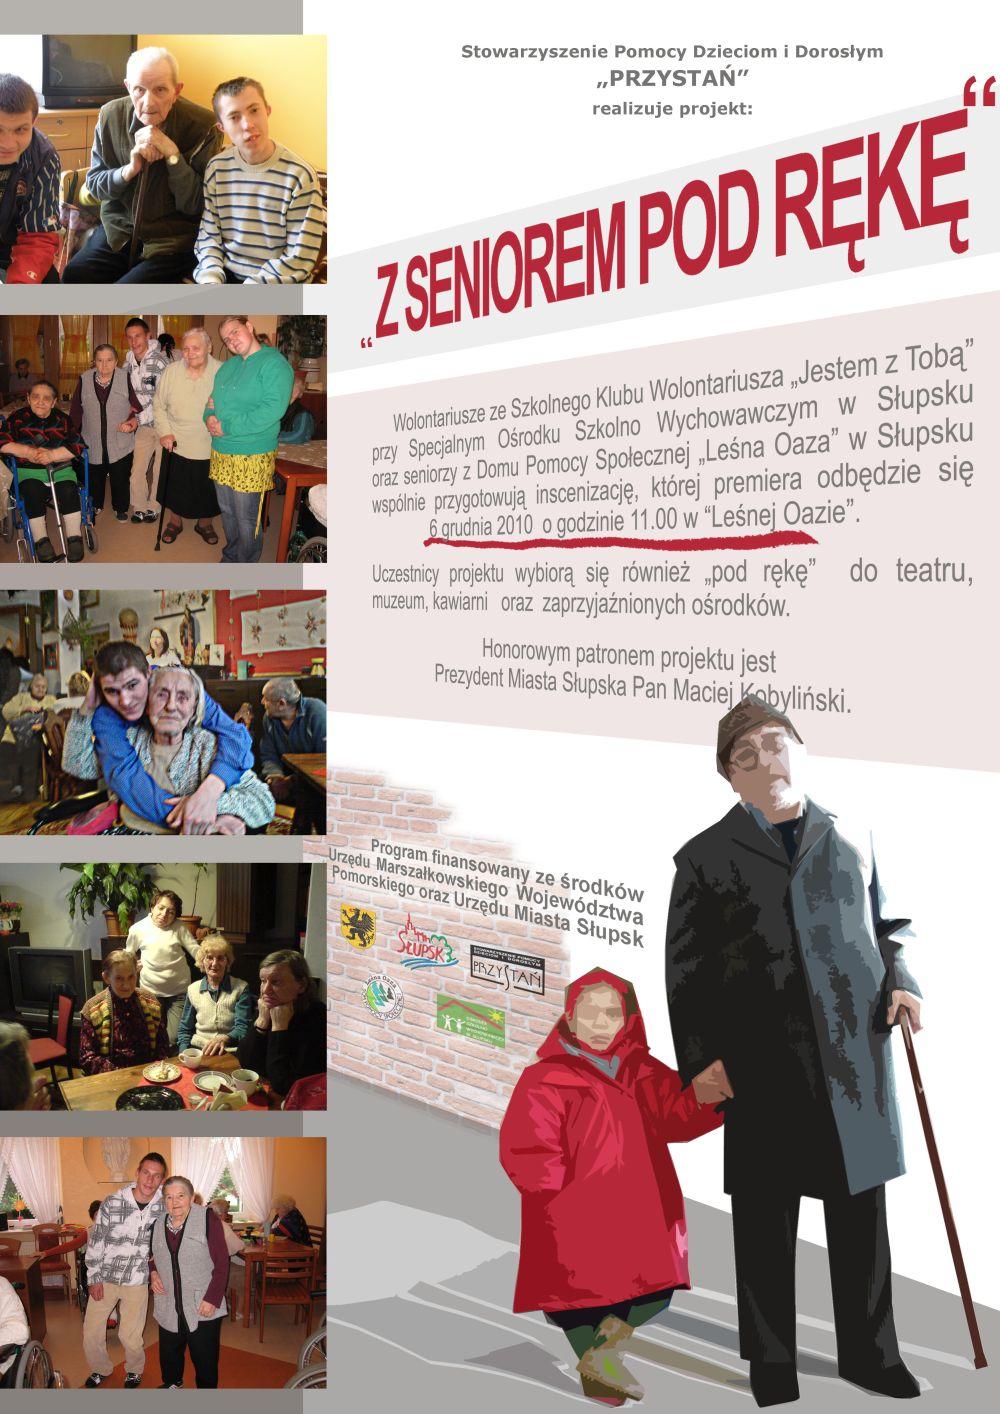 plakat z seniorem pod rękę